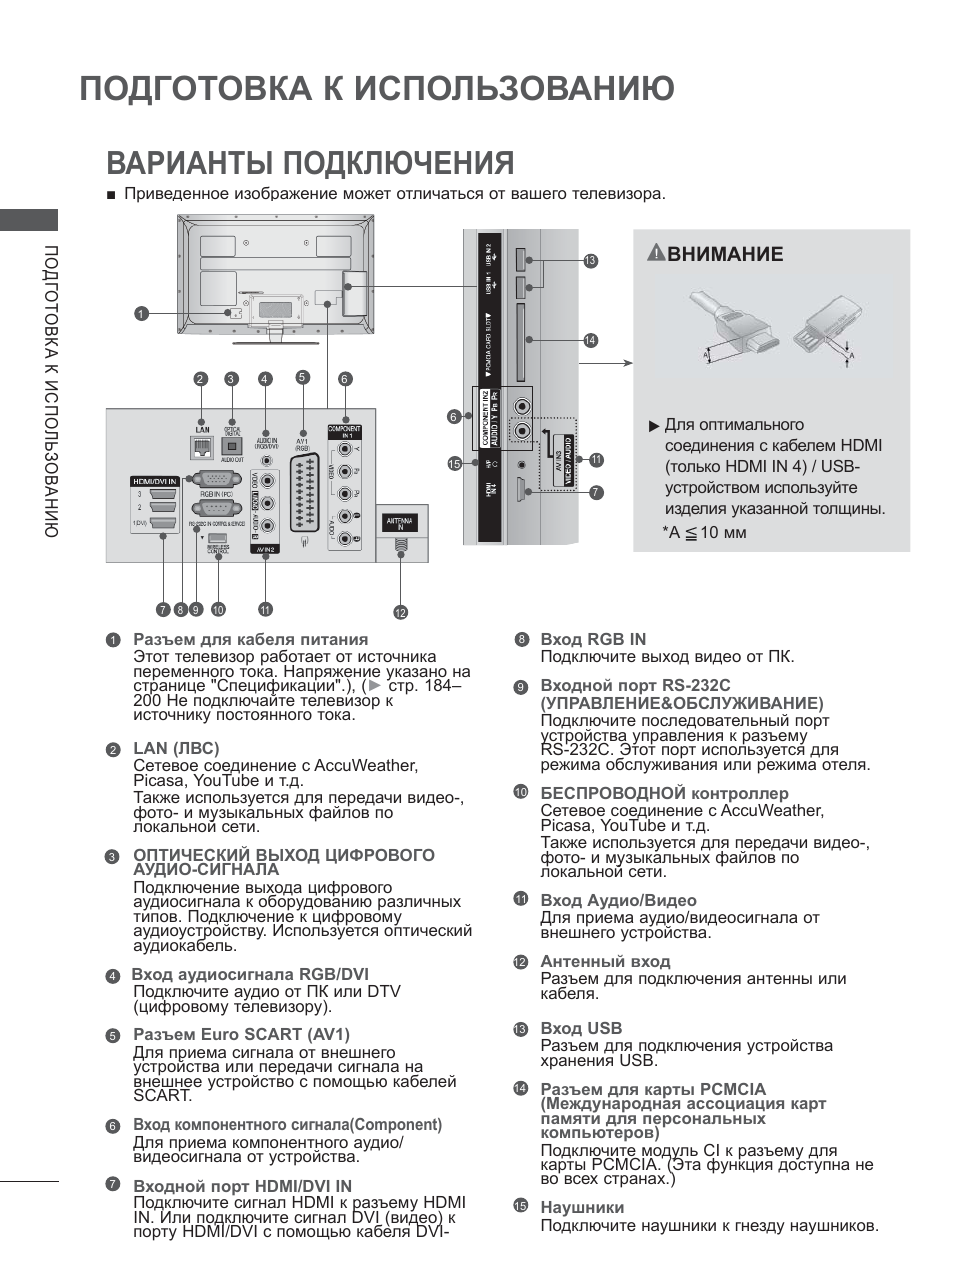 Подготовка изделия к использованию устройства Тайфун-16